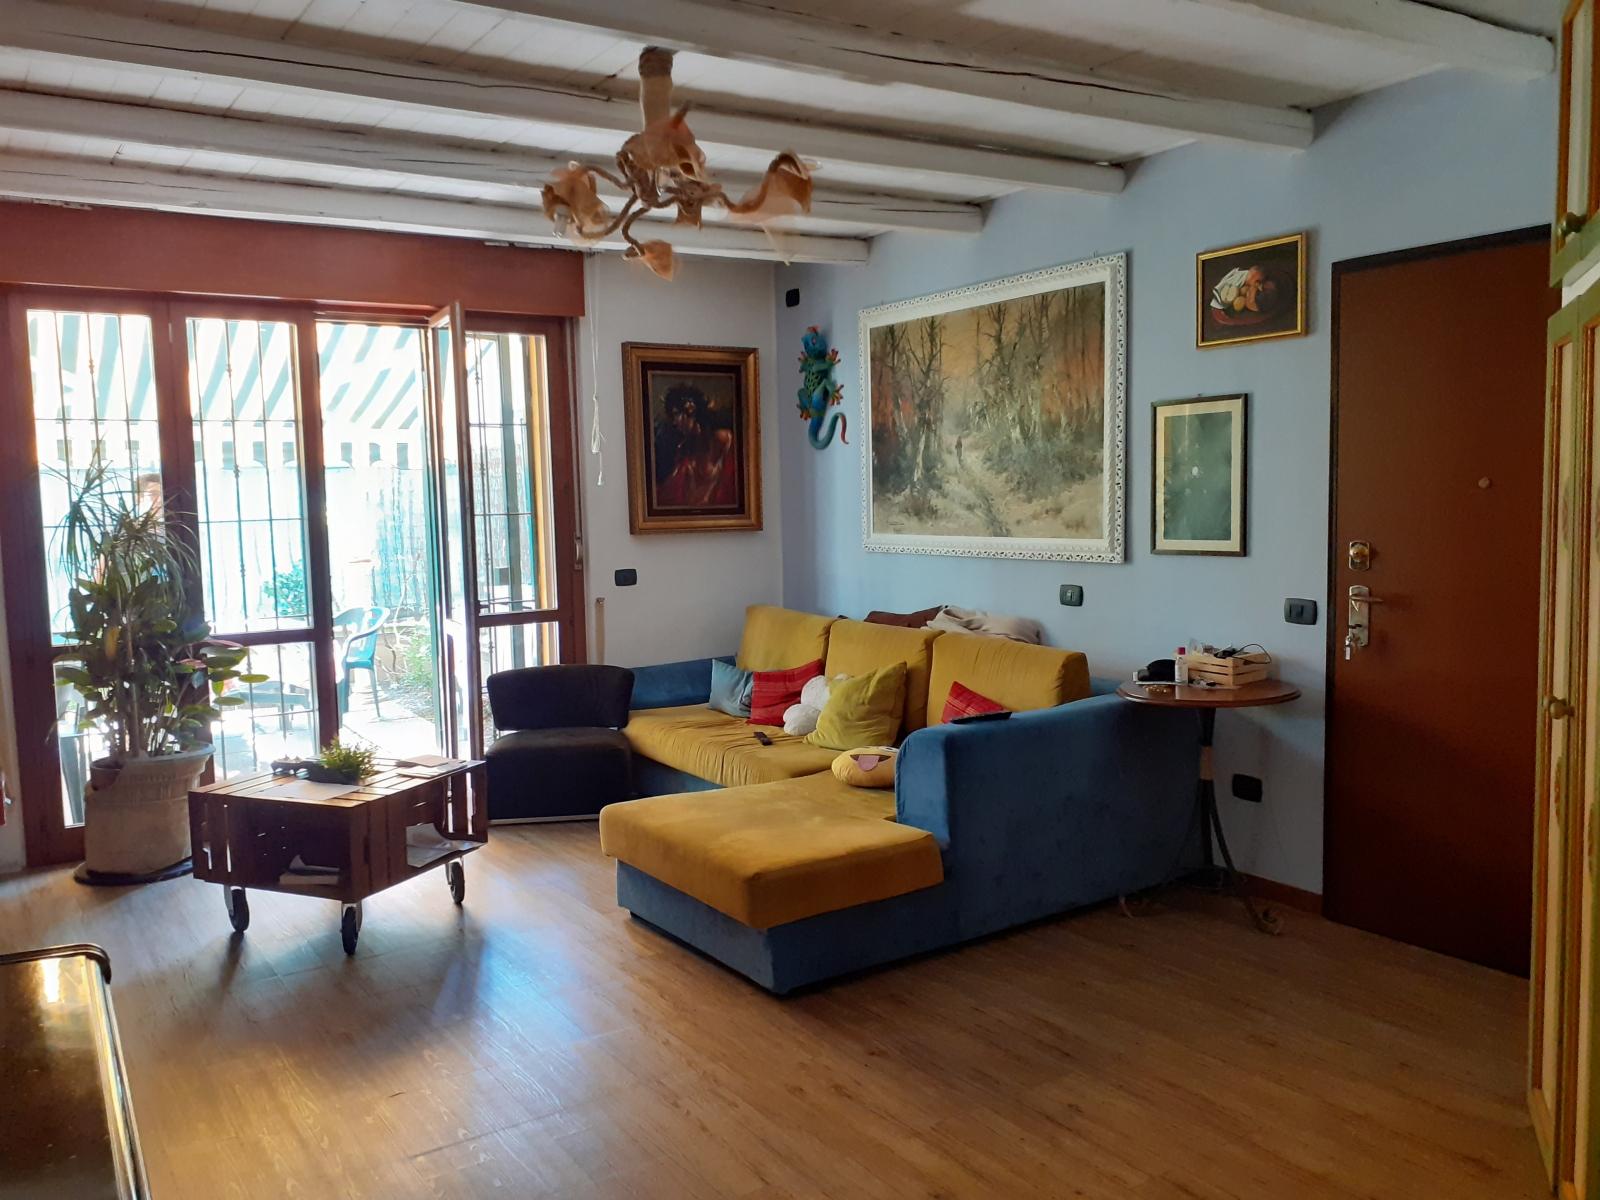 appartamento-in-vendita-cesano-boscone-milano-spaziourbano-immobiliare-vende-9